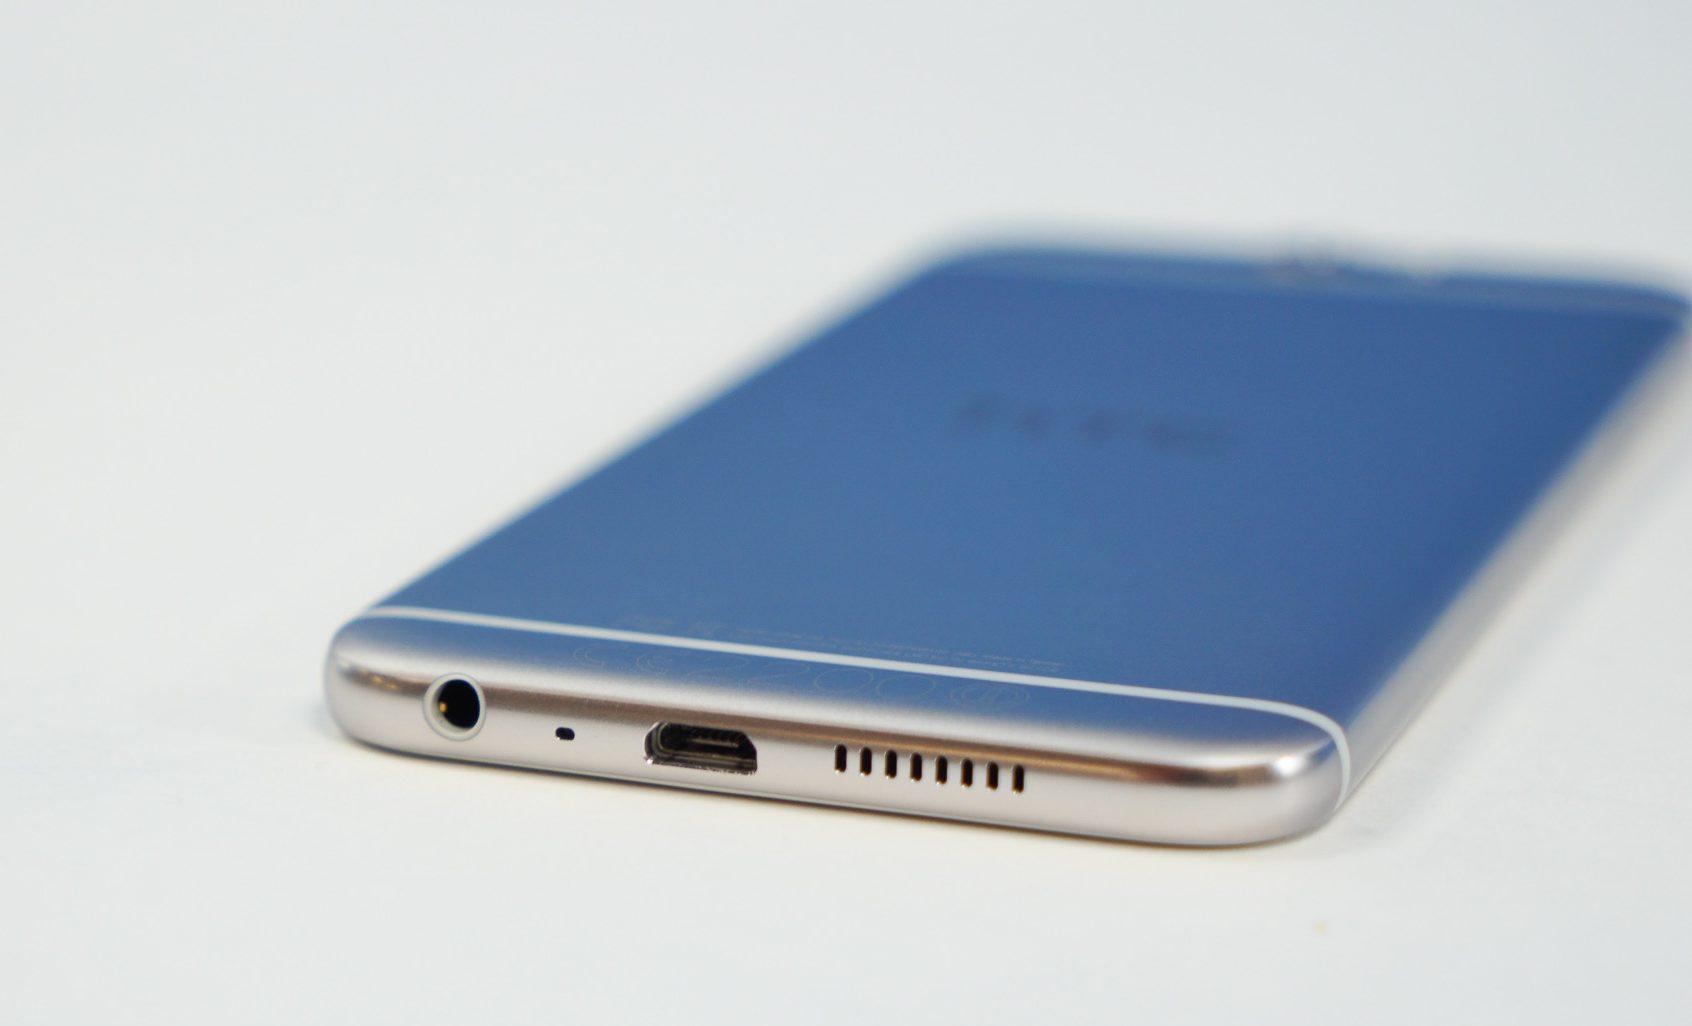 Thay chân sạc HTC A9: Chân sạc Zin đét.